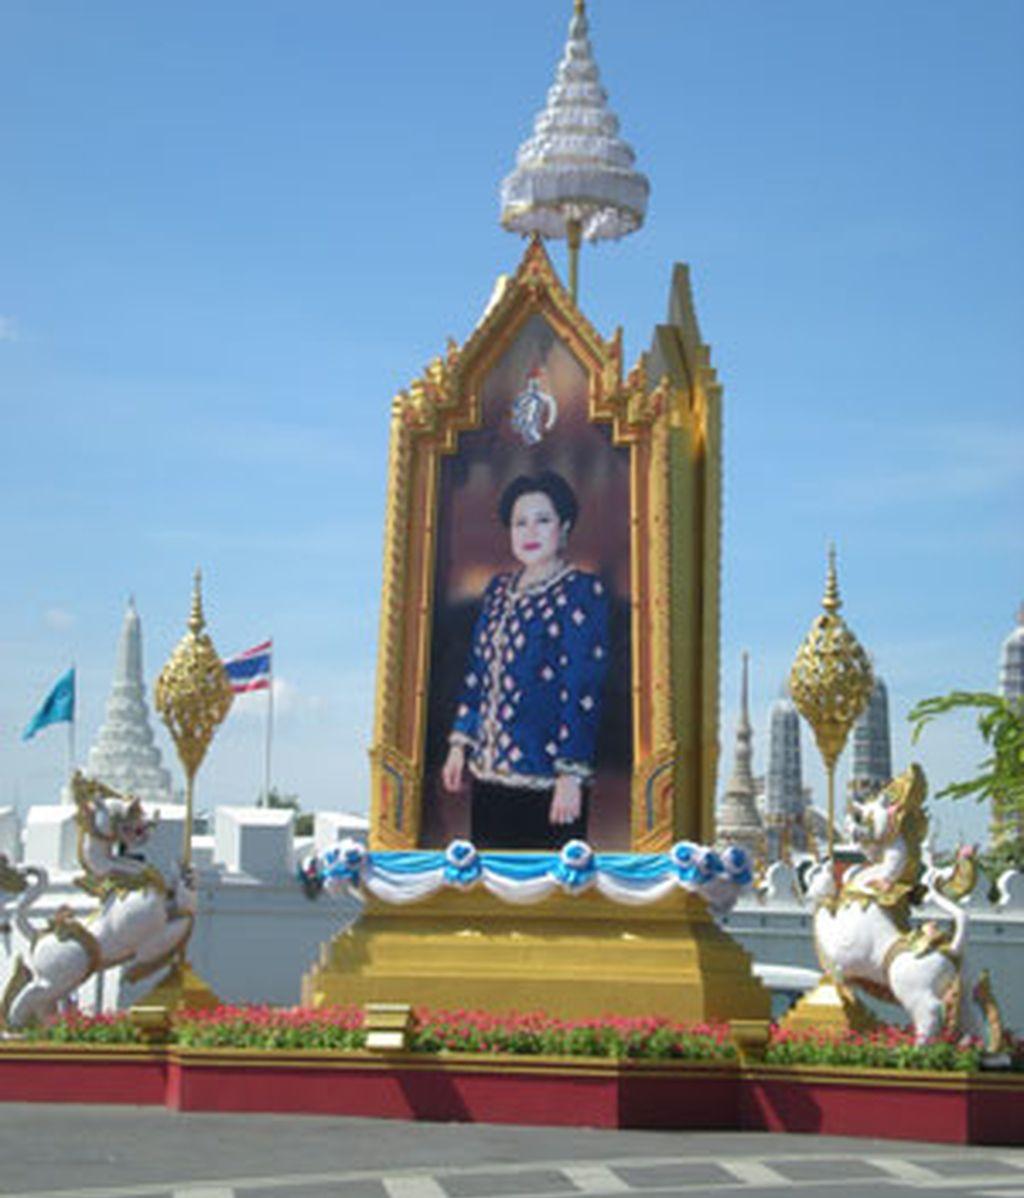 La reina Sirikit está presente en múltiples imágenes a lo largo de todo Bangkok, no así el rey, que pasa a un segundo plano. Foto: RSO.